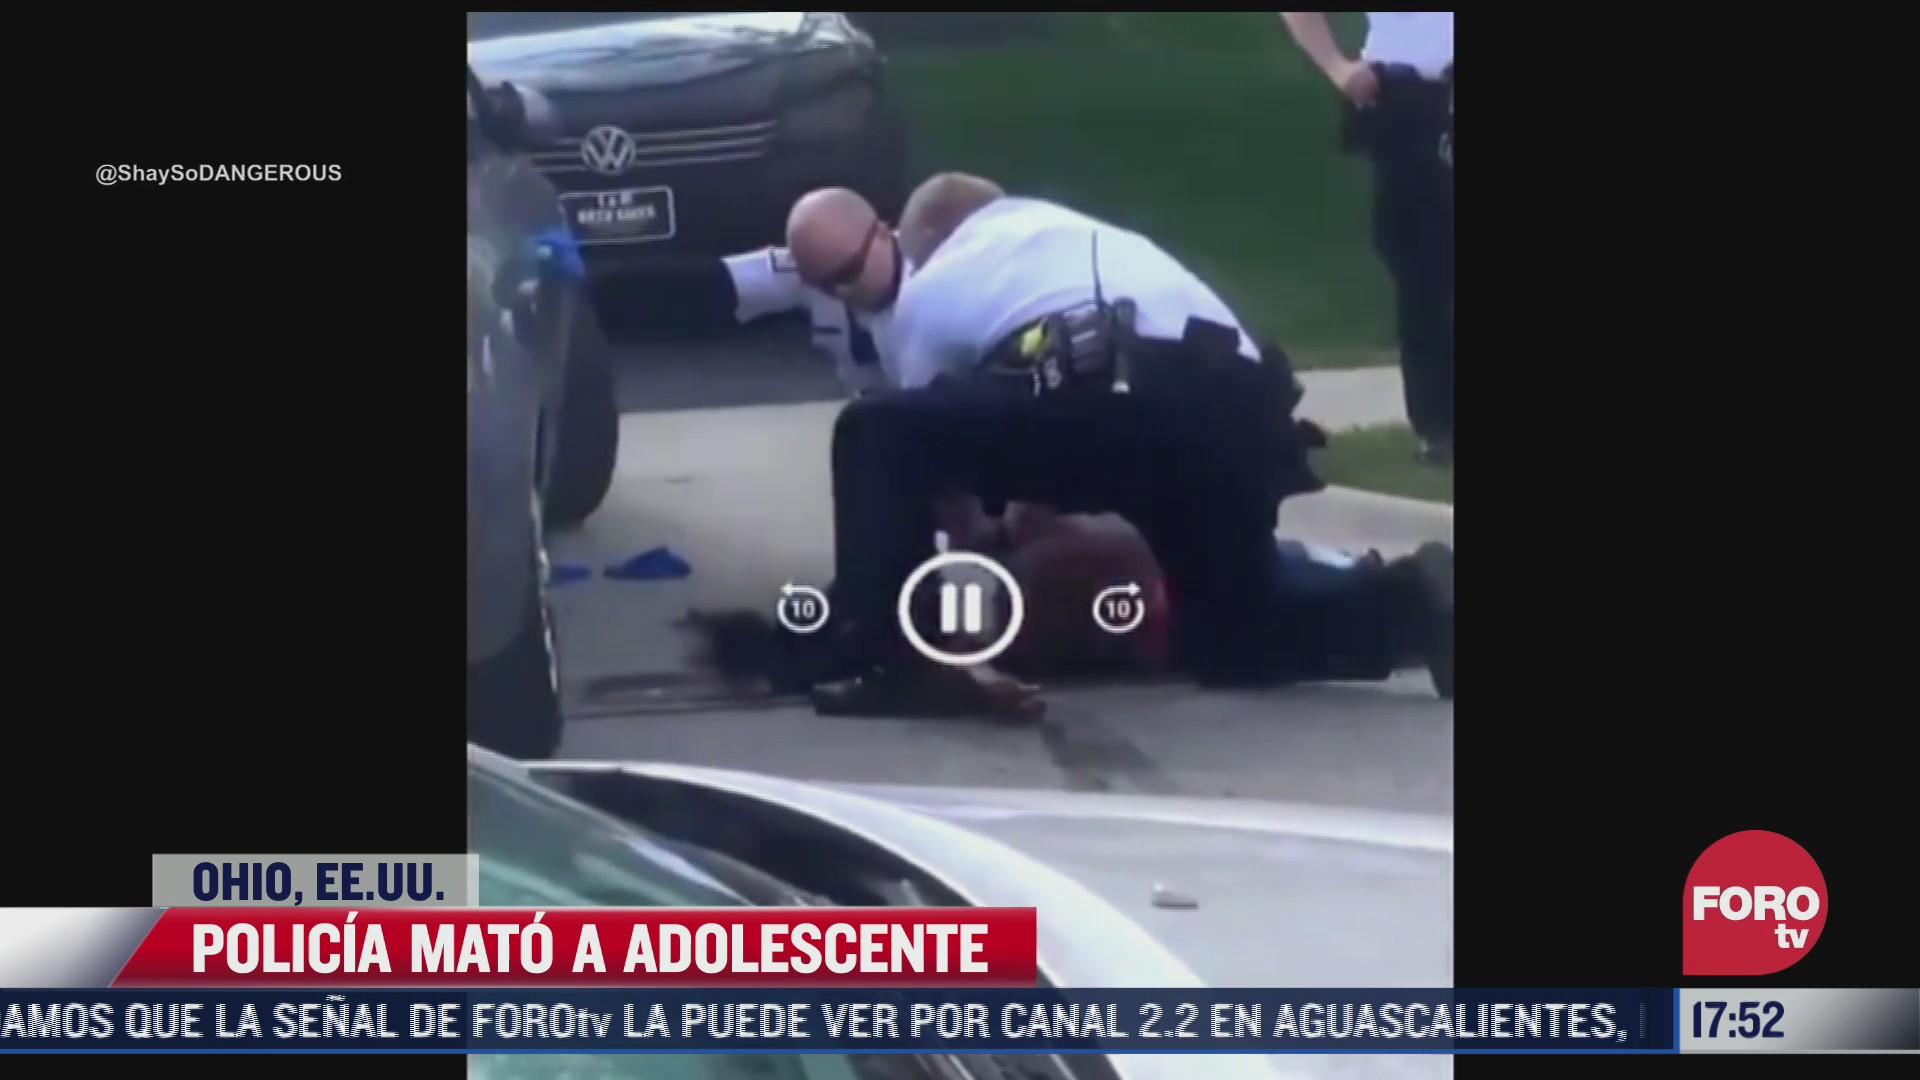 policia mata a adolescente en ohio